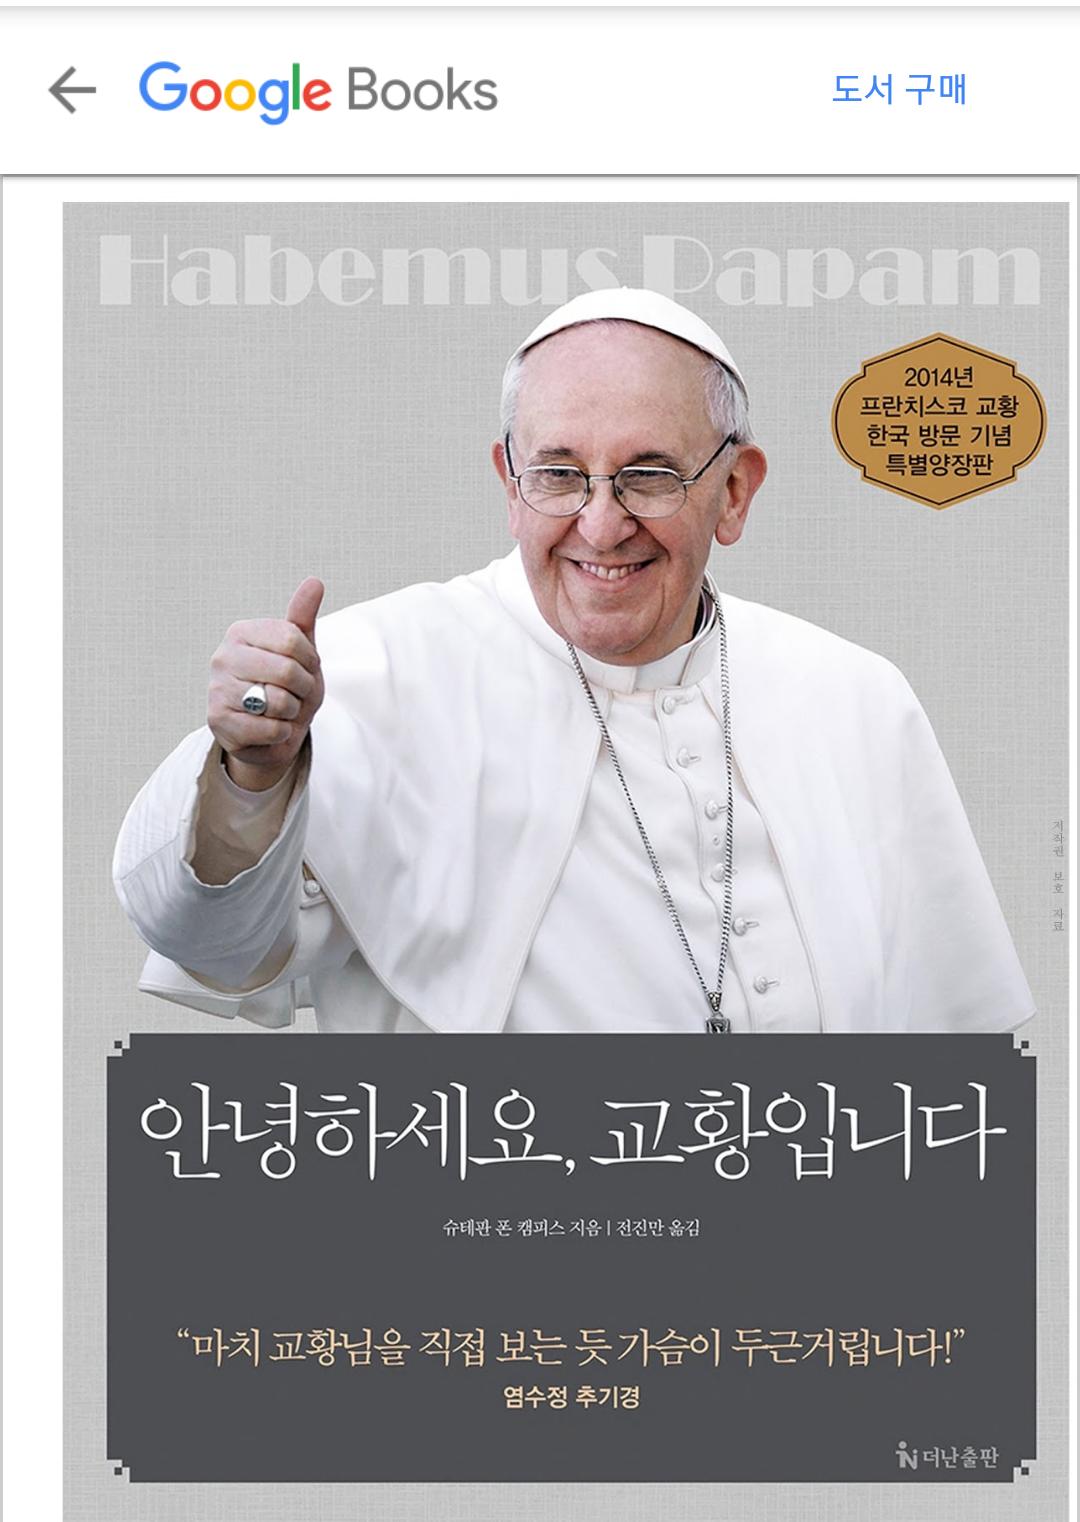 [종교] 안녕하세요 교황입니다를 읽고 - 종교&독후...